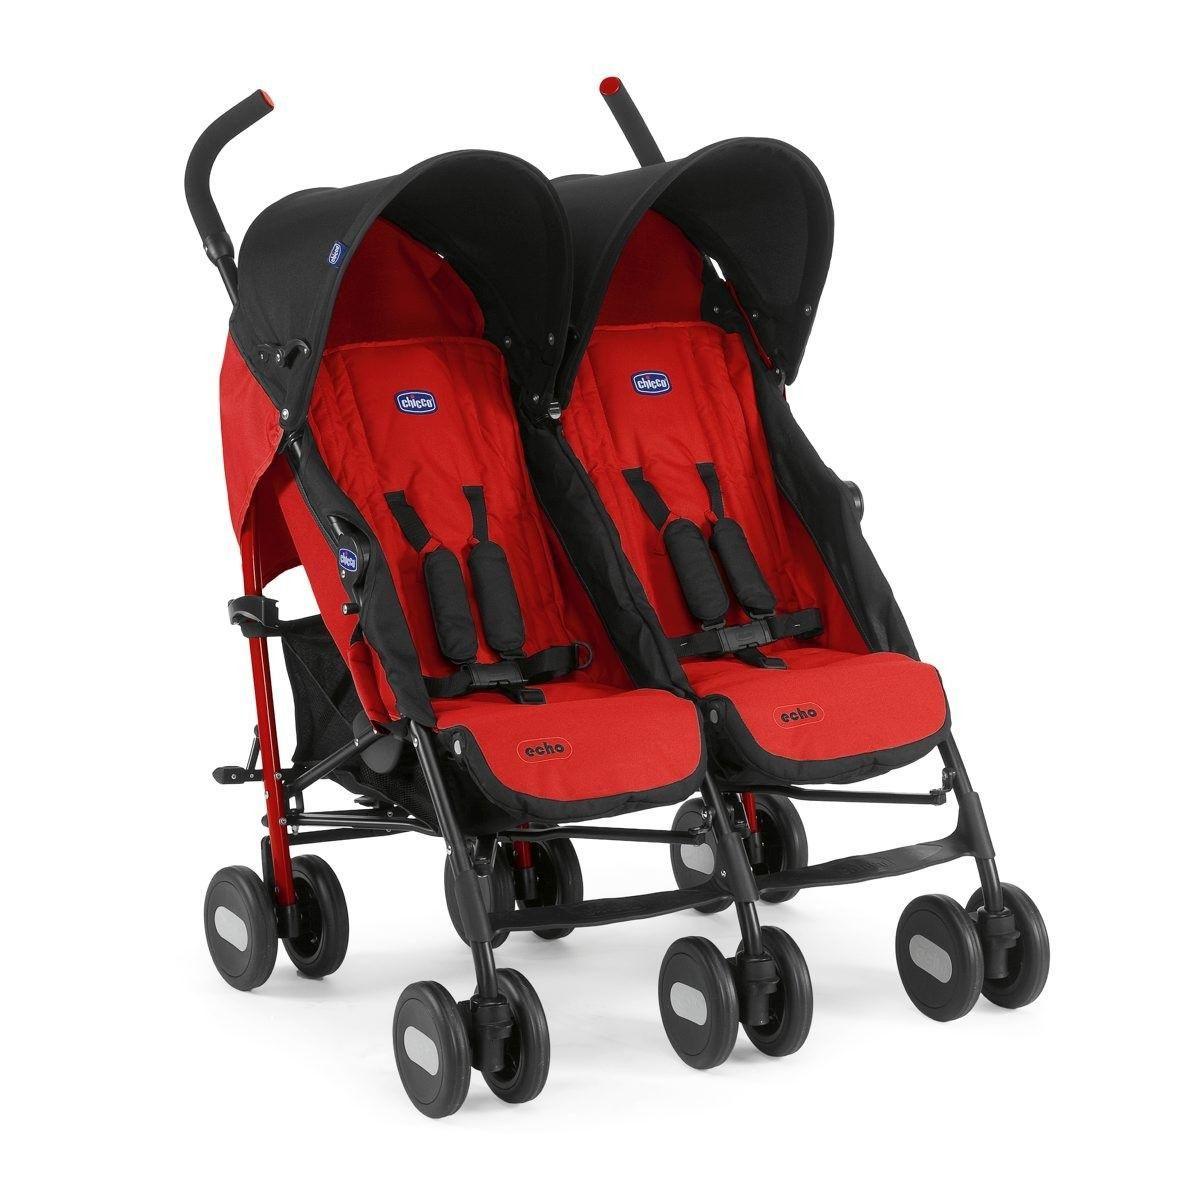 Картинка для Коляска для двойни Chicco Echo Twin Stroller Garnet (+ Защитный чехол СМЕШАРИКИ в подарок!)